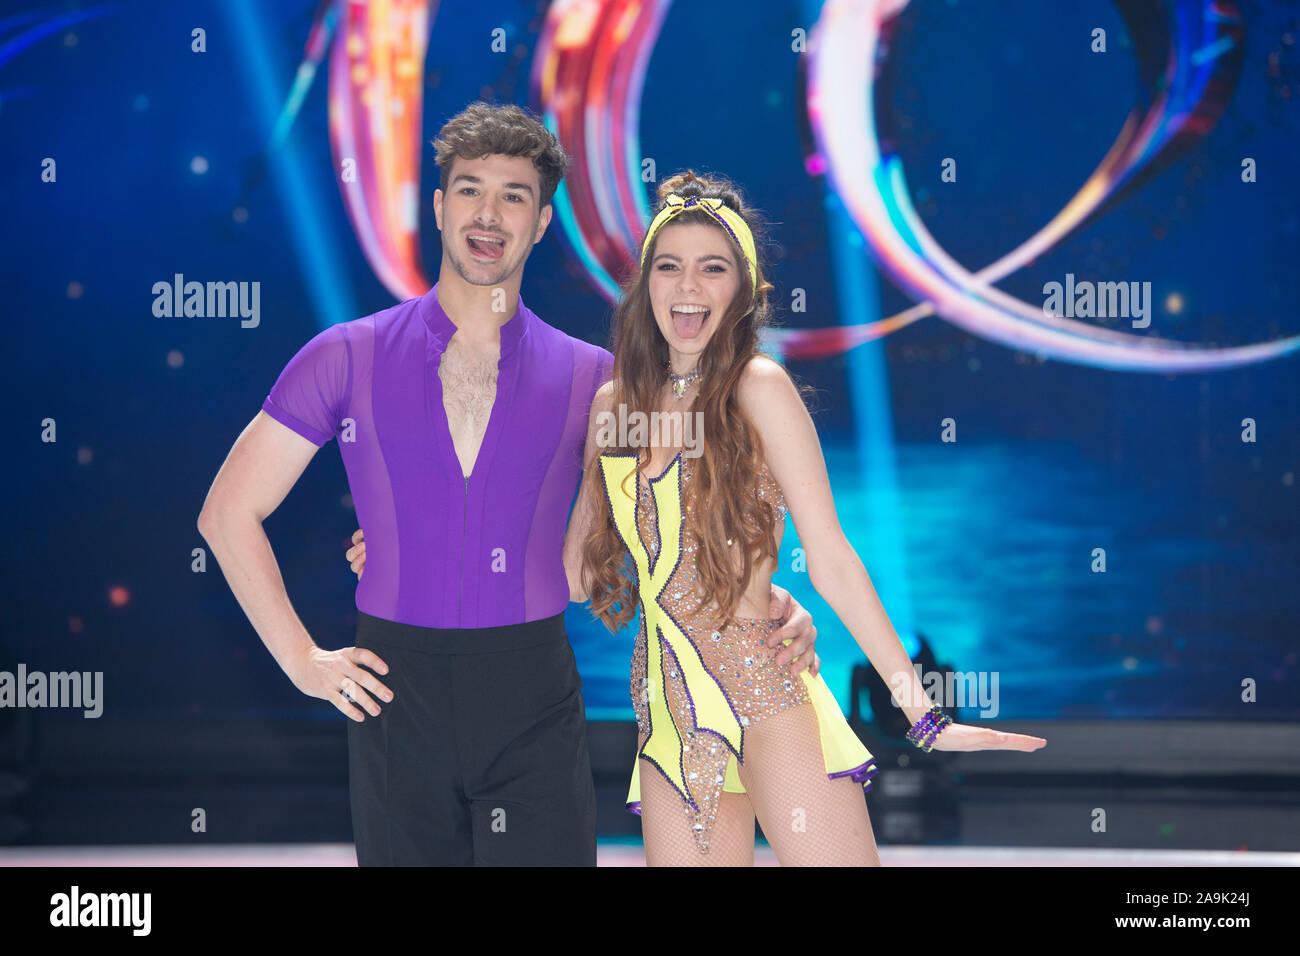 KLAUDIA CON K, modelo con su pareja de patinaje artístico Sevan LERCHE, presentación de los candidatos para SAT.1 de televisión Dancing on Ice, a partir del 15 de noviembre de 2019 todos los viernes a las 20.15 viven en SAT.1, 13.11.2019 en Koeln / Alemania | mundial de uso Foto de stock